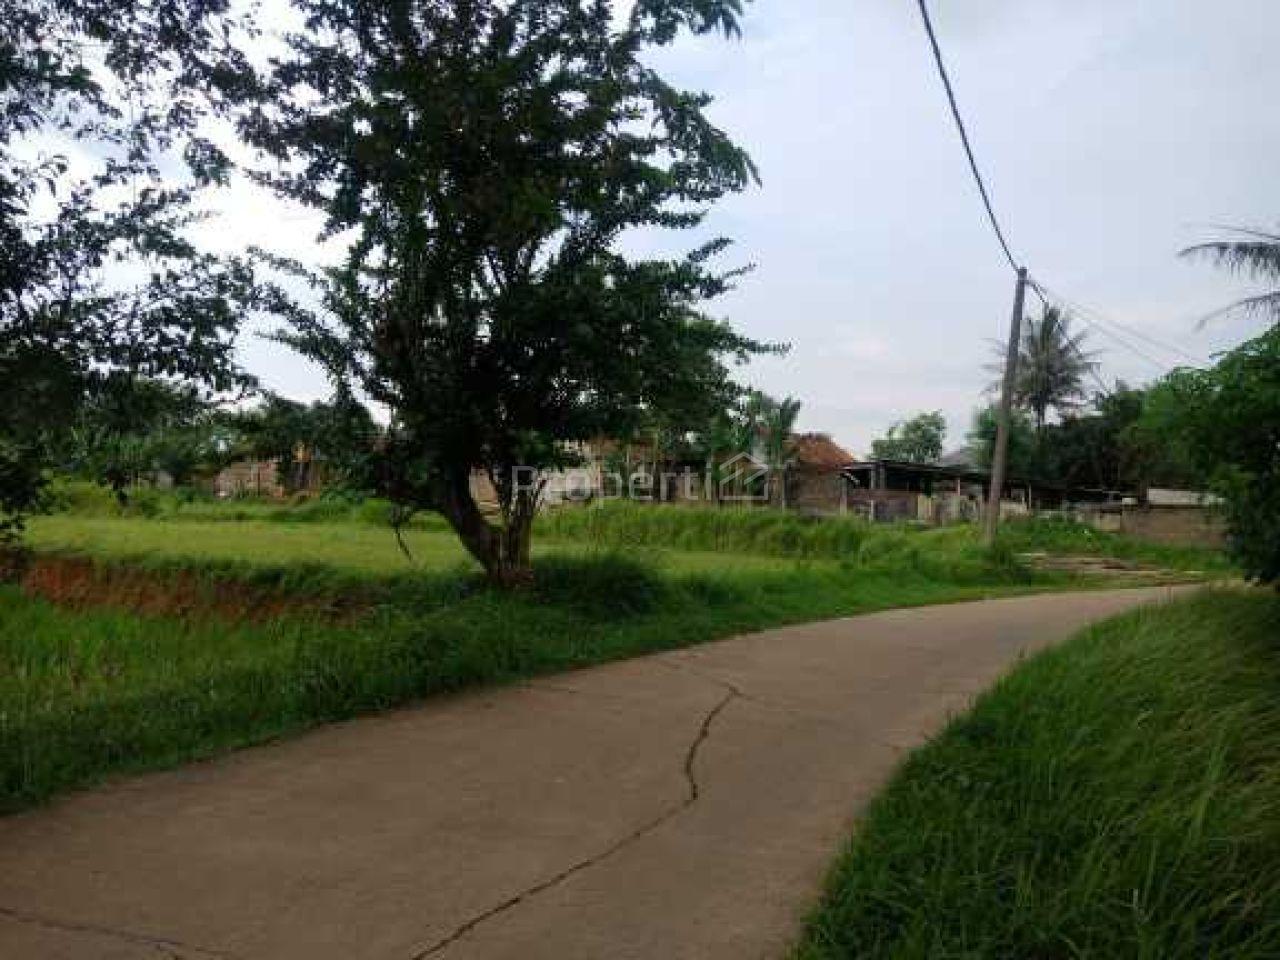 Tanah Strategis, Mudah Diakses Dekat dengan Kawasan Industri, Banten